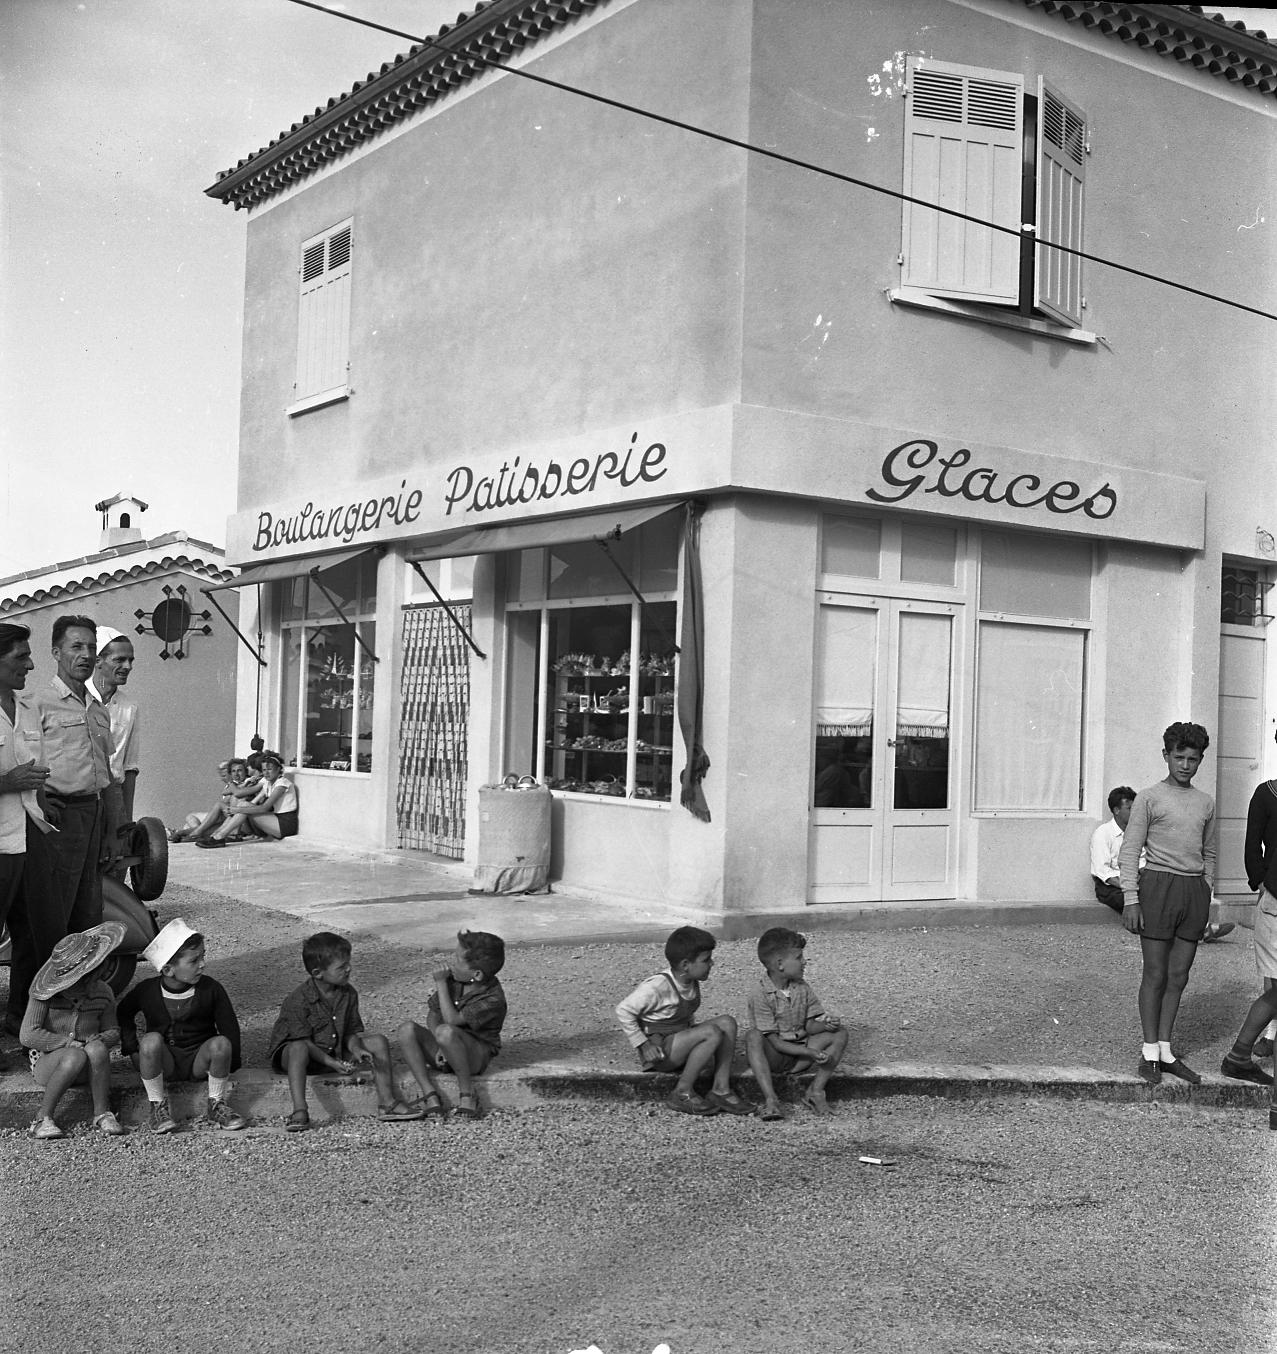 42Fi 063 - La boulangerie-pâtisserie Ducros au quartier de la Garde, envahie par des spectateurs lors d'une course cycliste. 14/07/1953